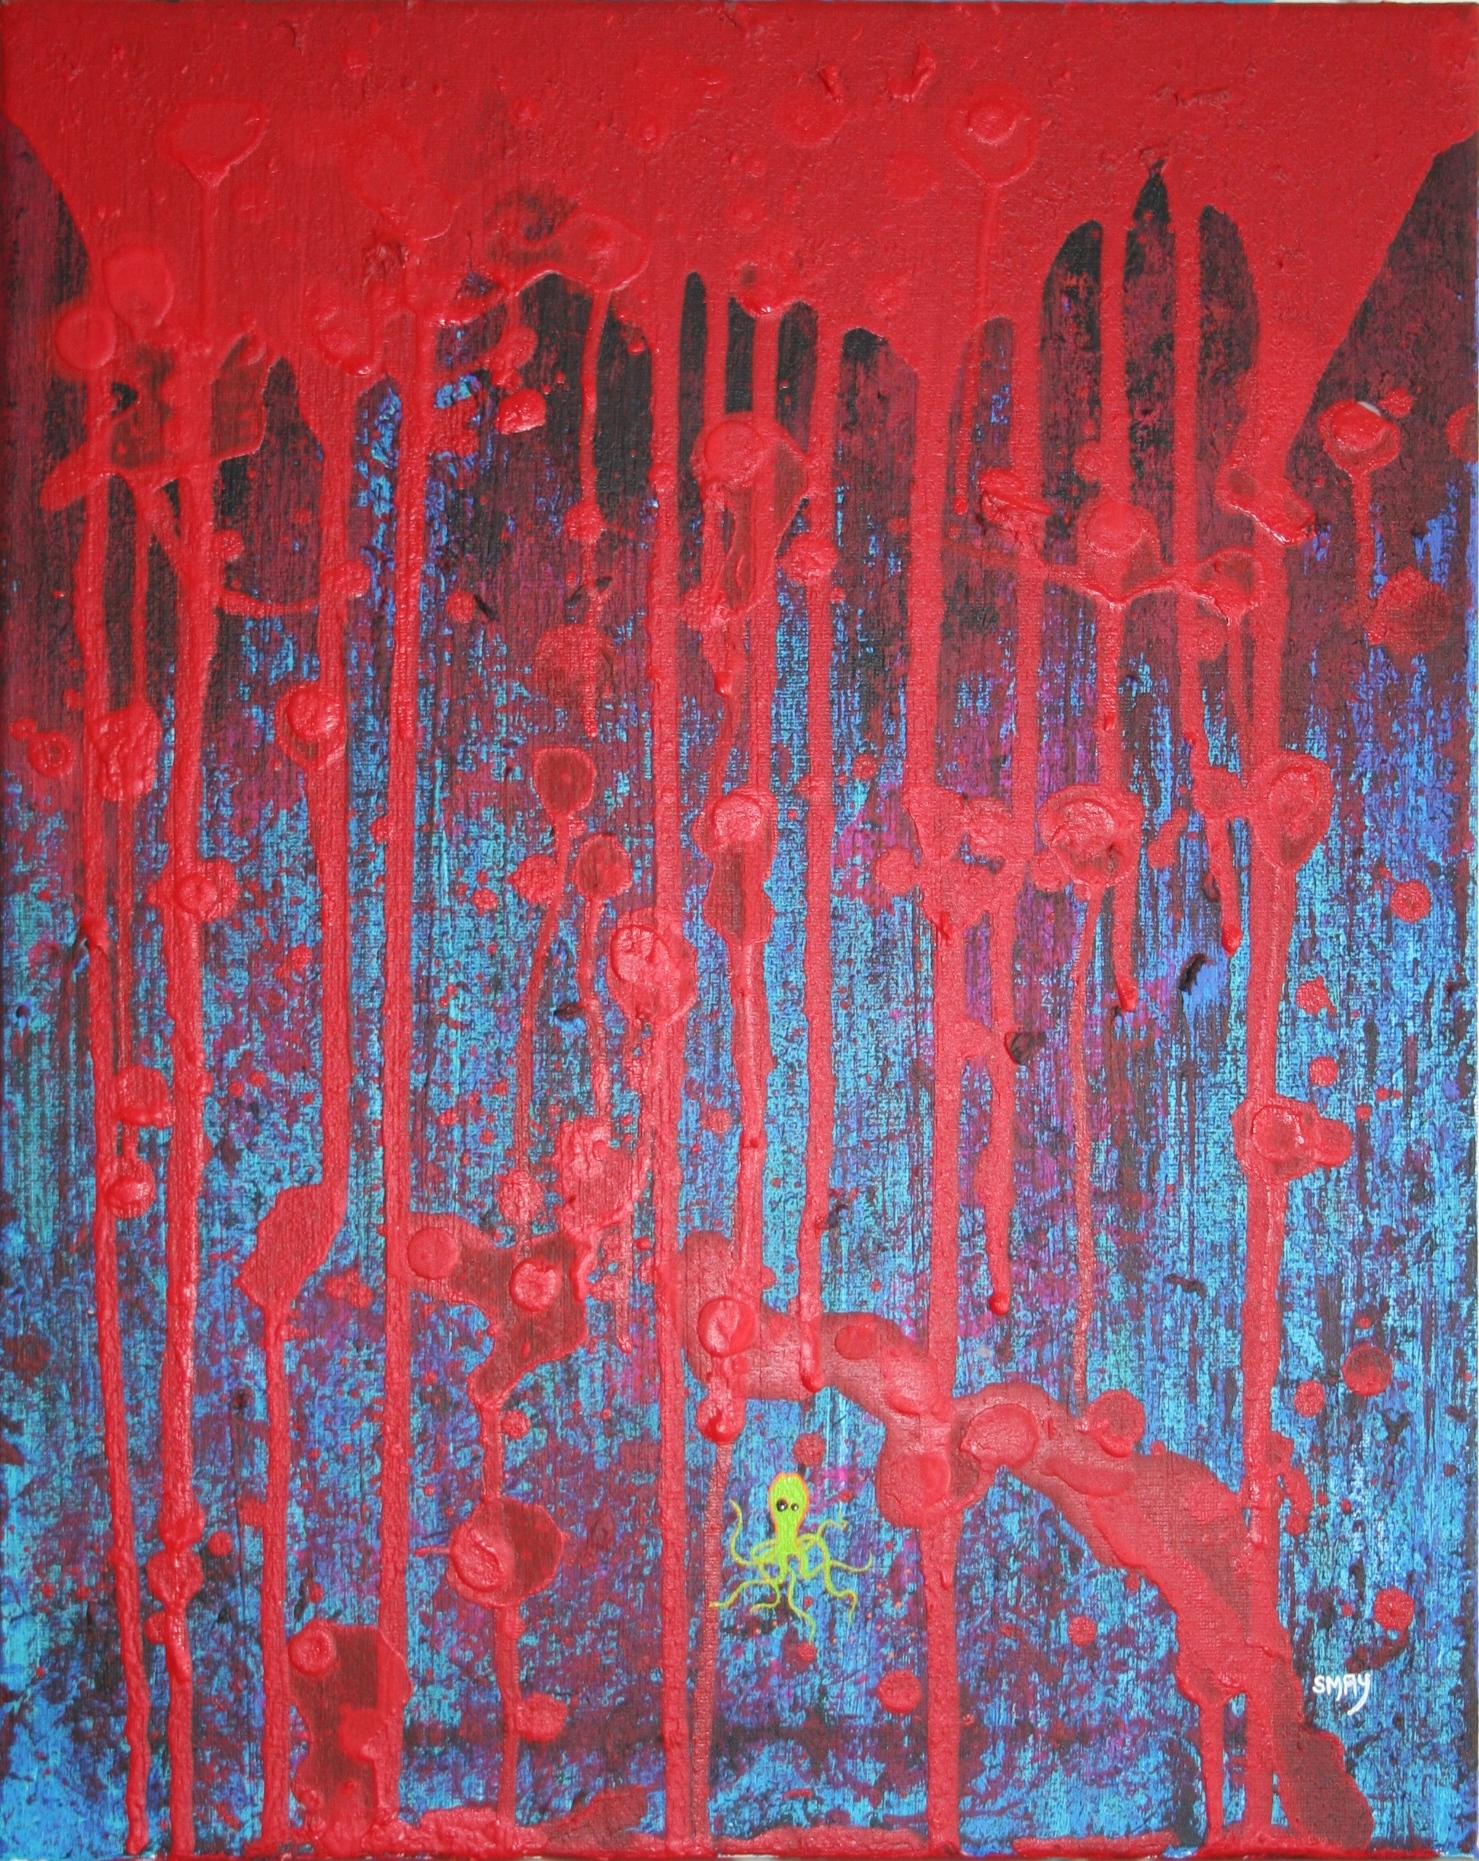 Waiting  2009 Acryclics on canvas 44 x 55cm